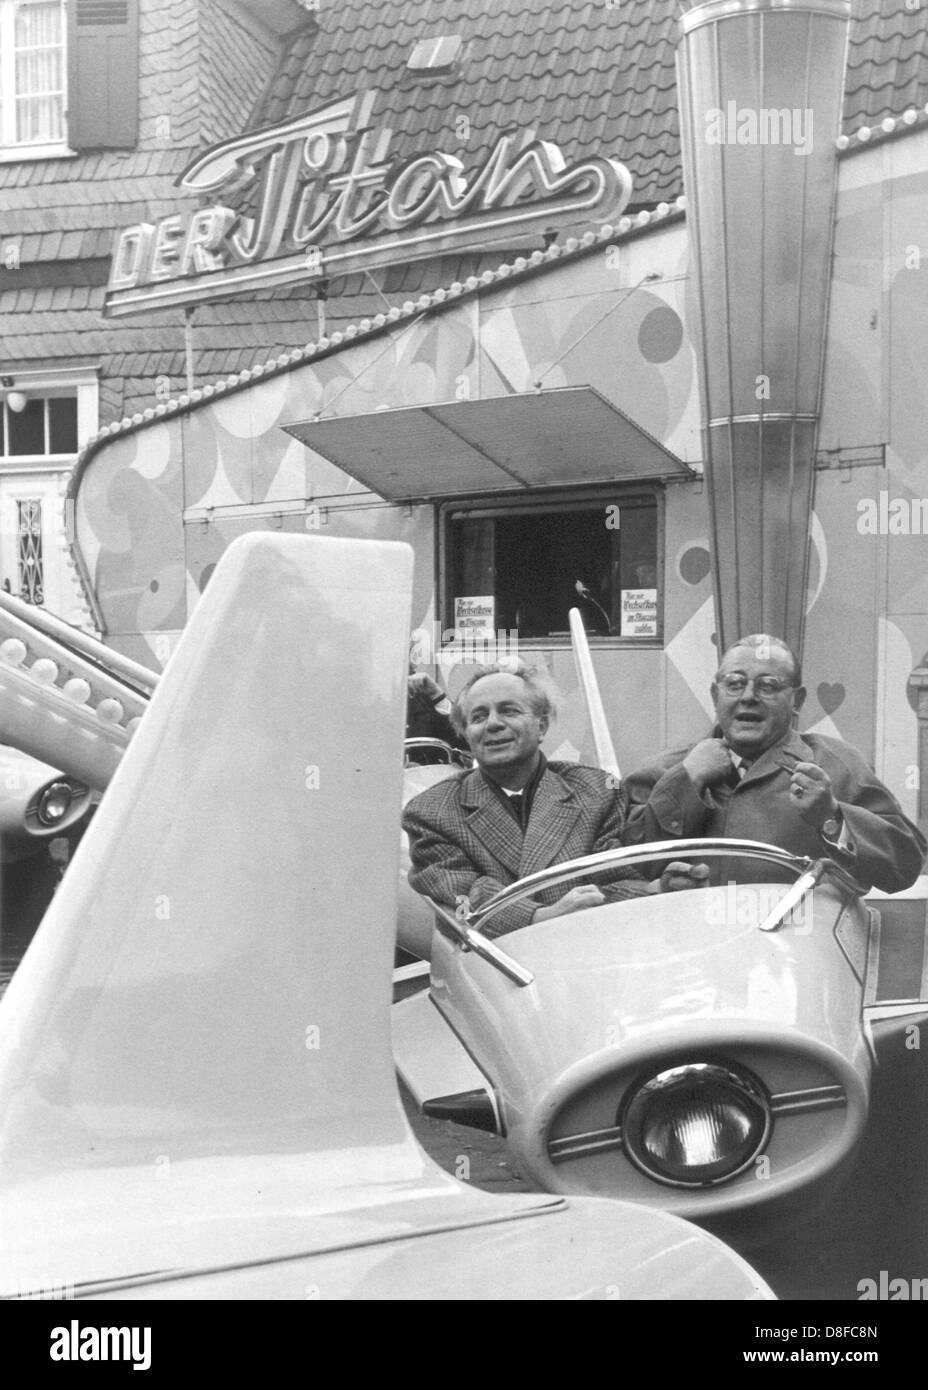 Homme politique de la CDU, ministre de la justice dans la Rhénanie du Nord-Westphalie, et l'éditeur de Westfalenpost, Artur Straeter (r), le 8 septembre 1962 sur un carrousel. Banque D'Images